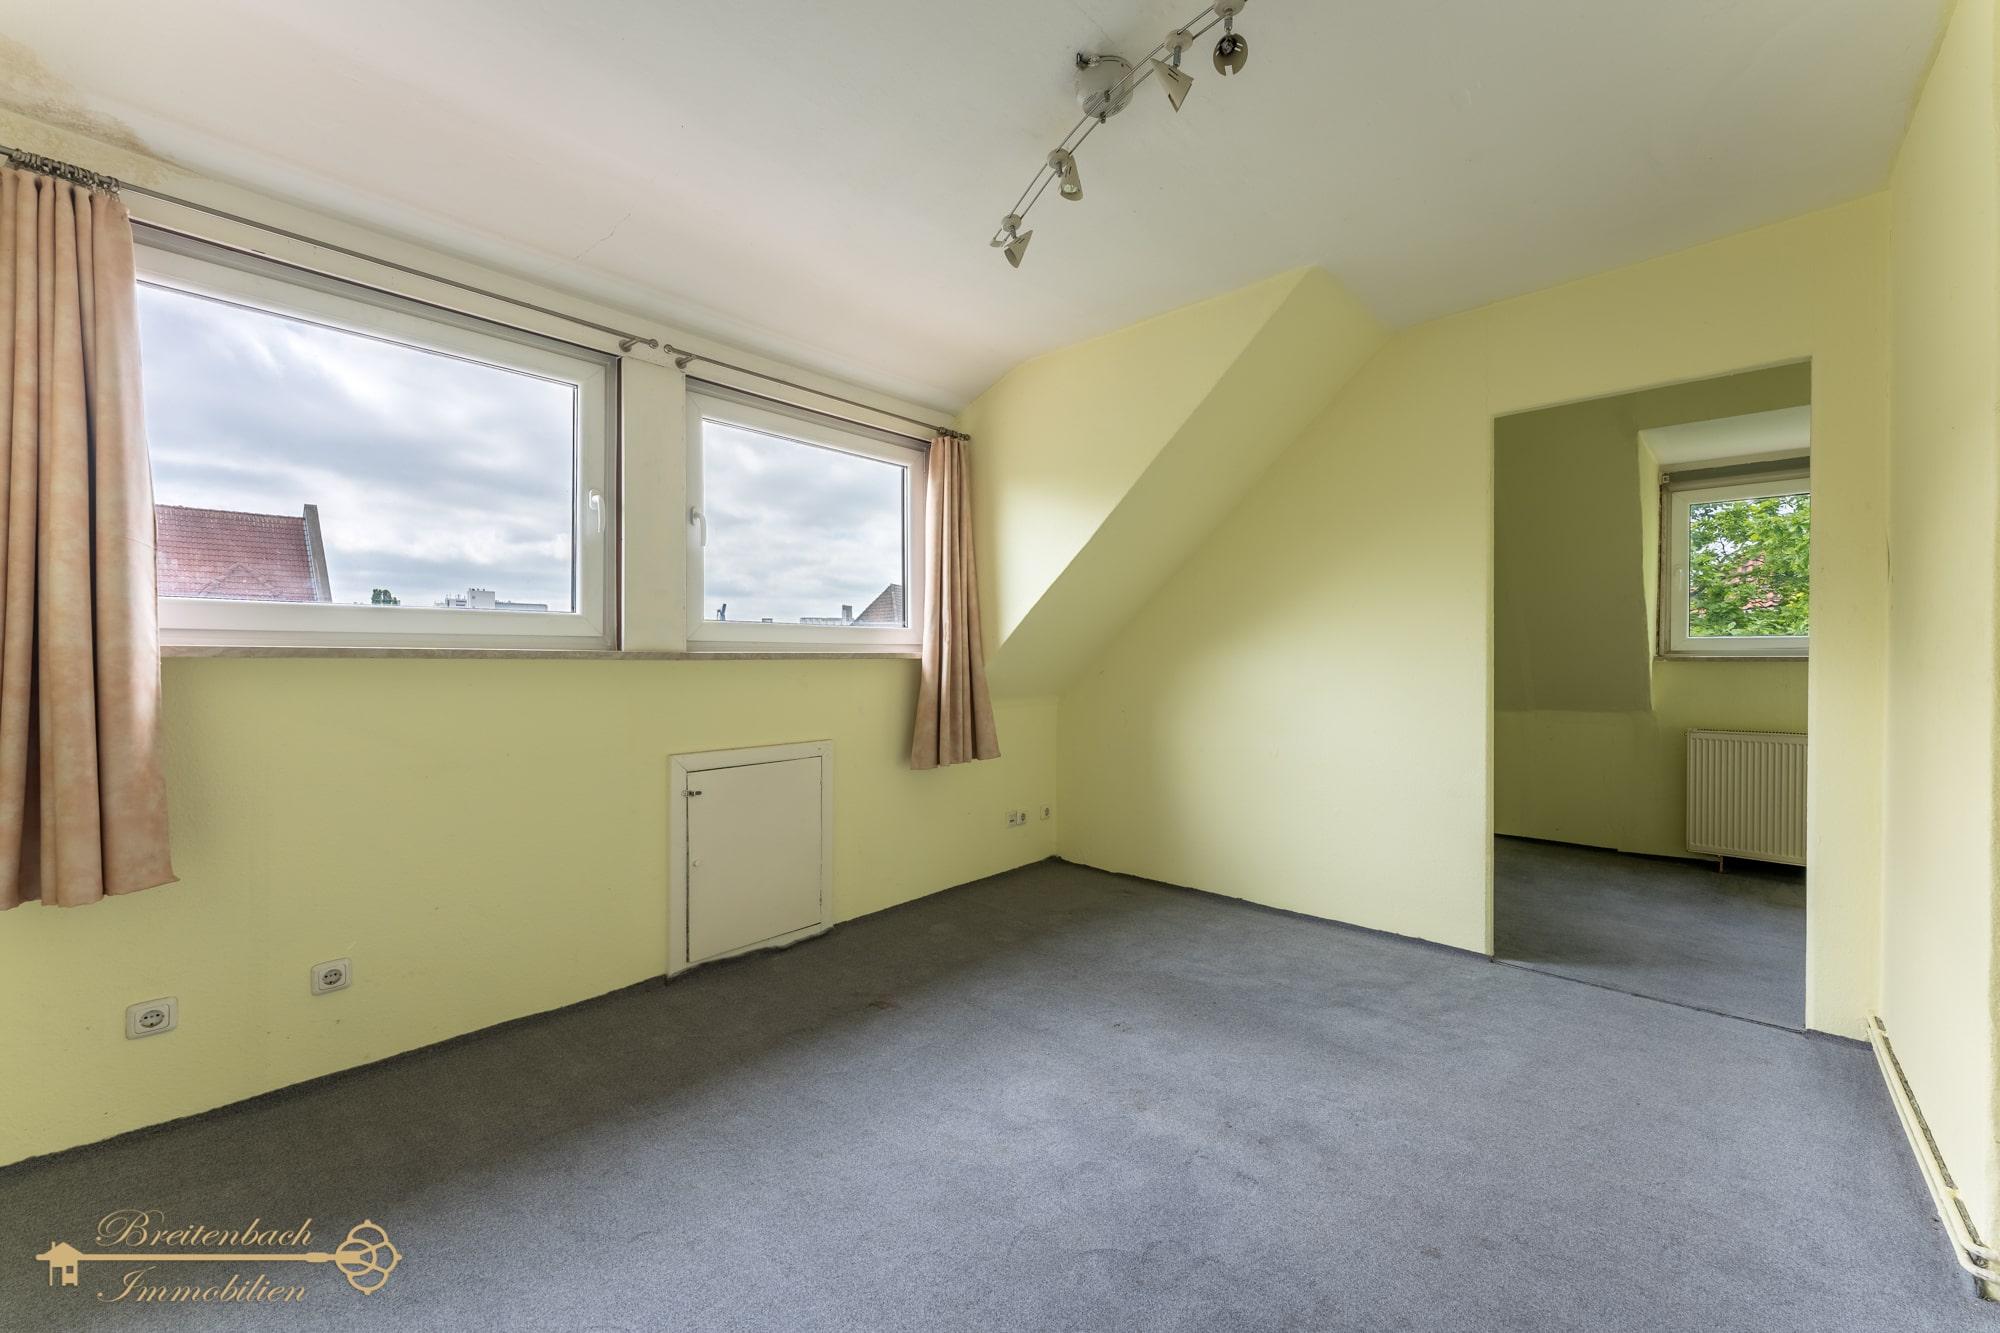 2021-05-29-Breitenbach-Immobilien-Makler-Bremen-3-min